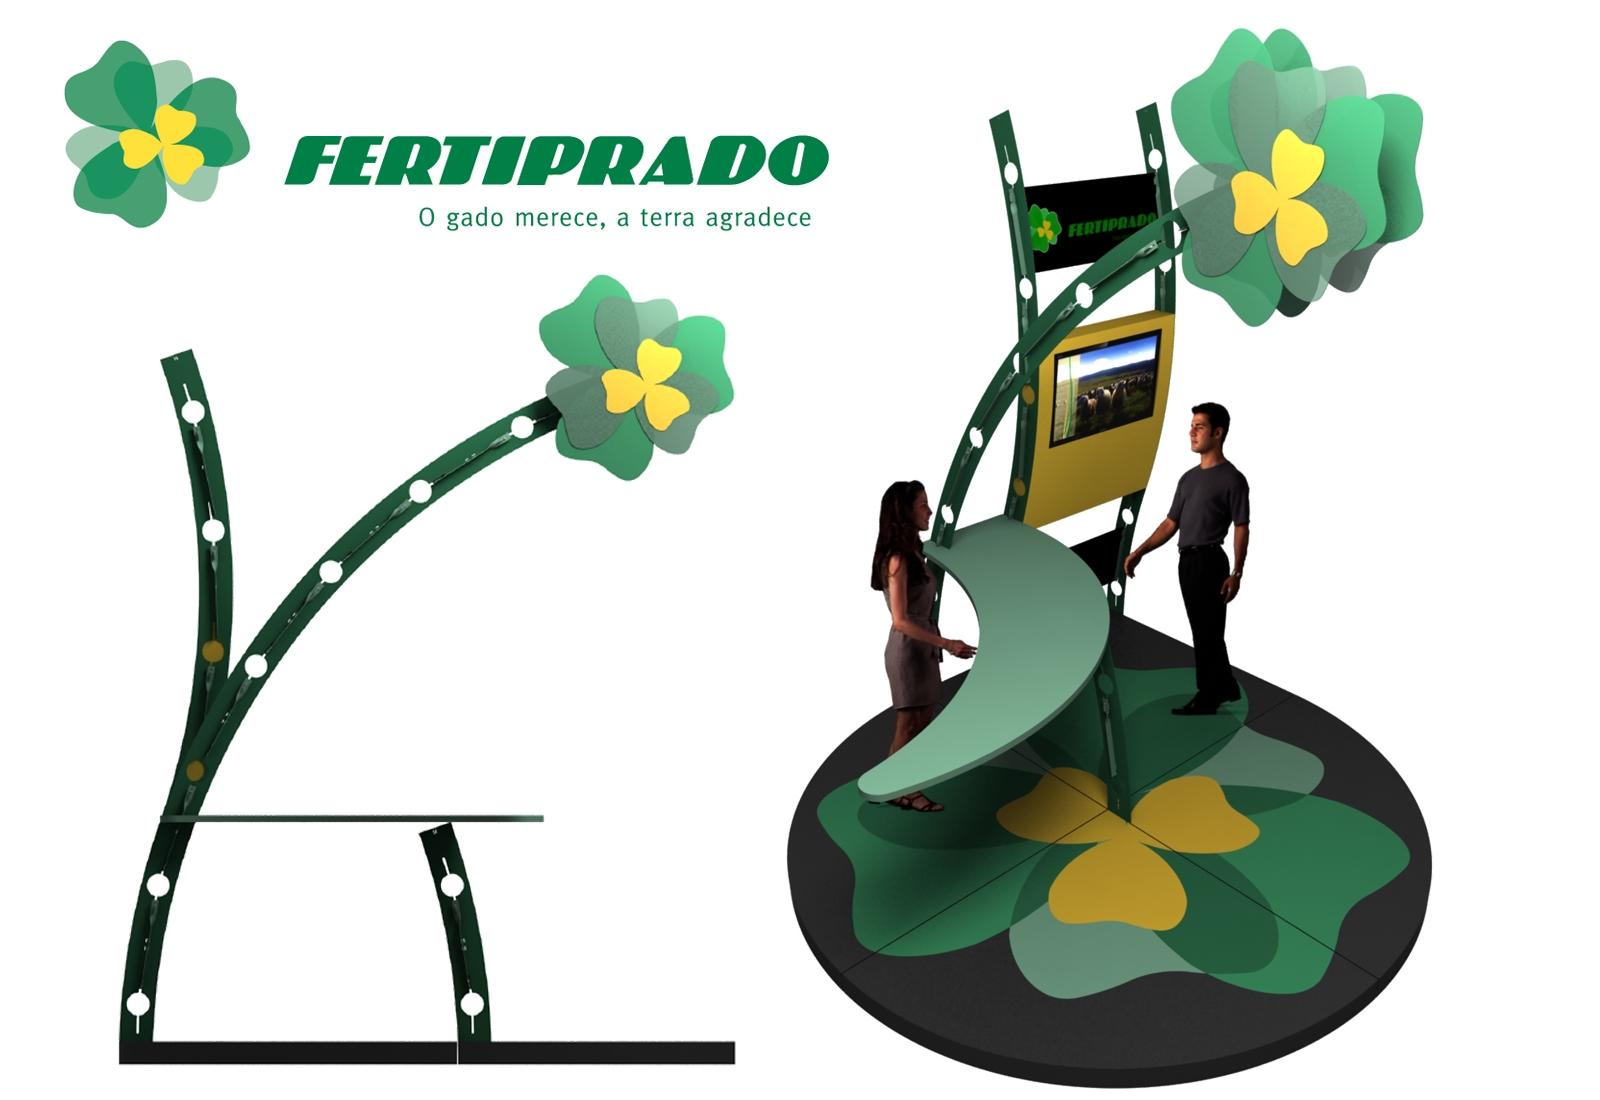 stand_fertiprado_site_1600x1100_140530